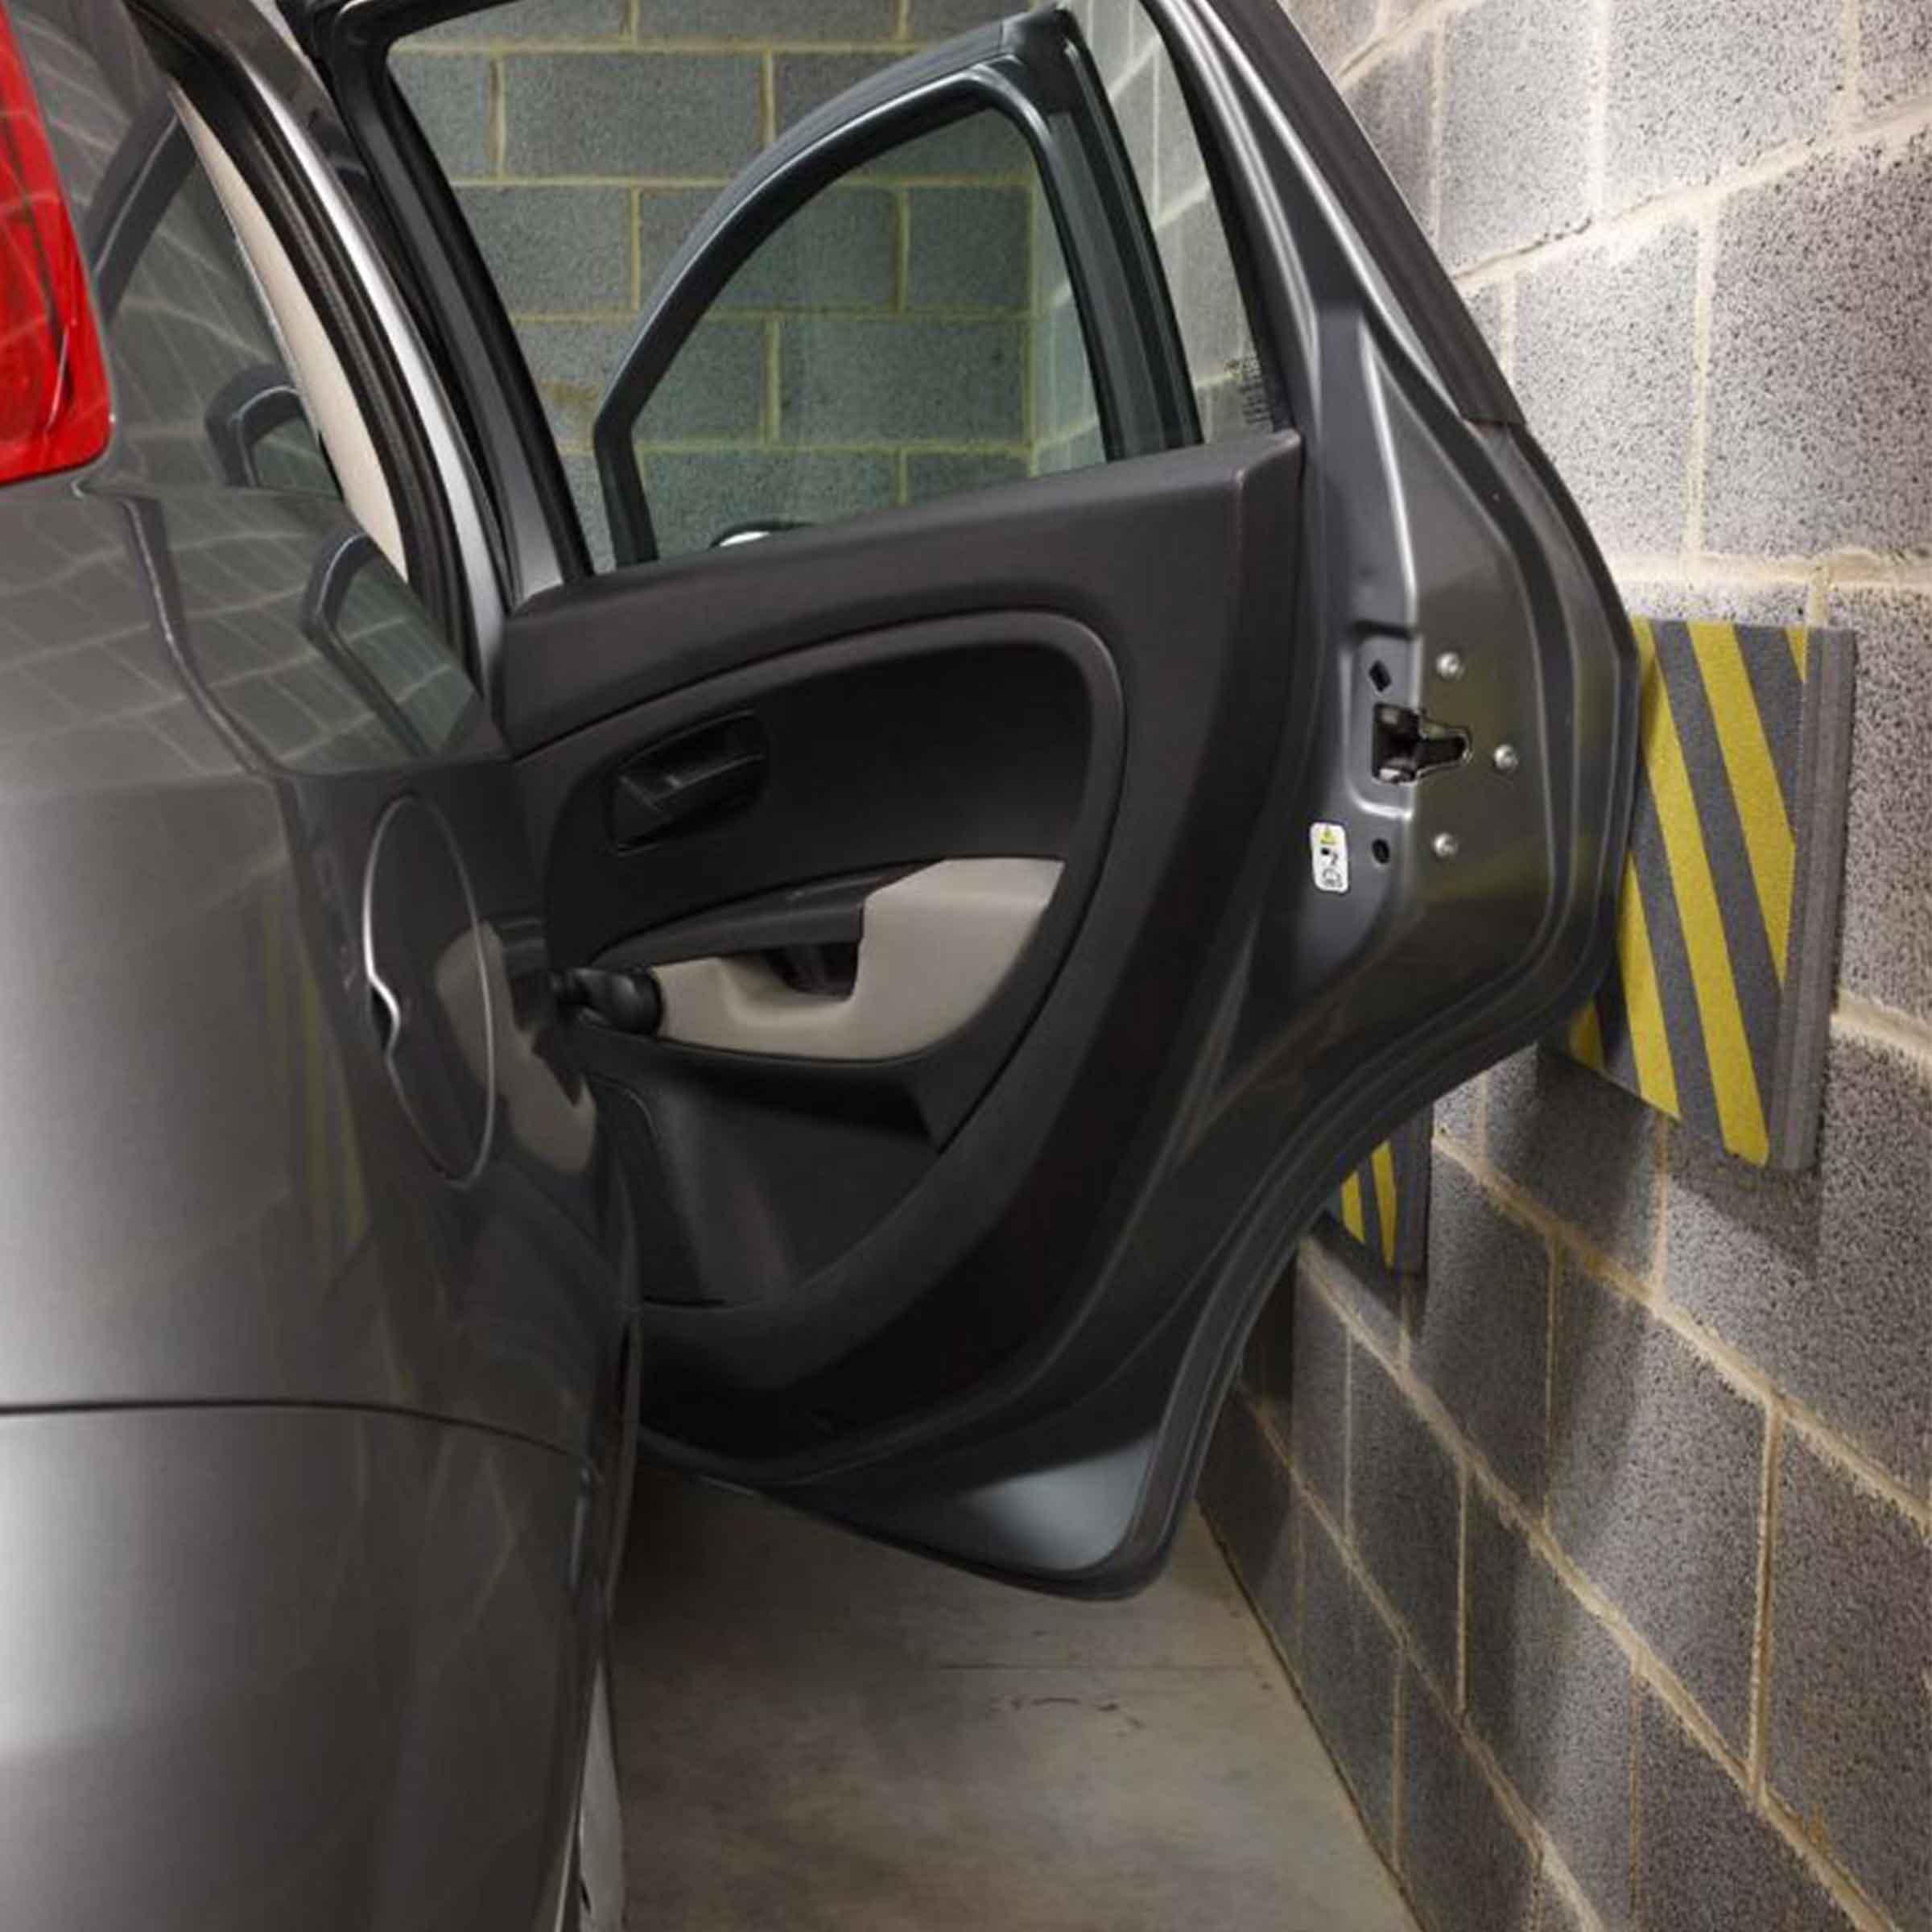 Protège portière de voiture collé sur le mur du garage